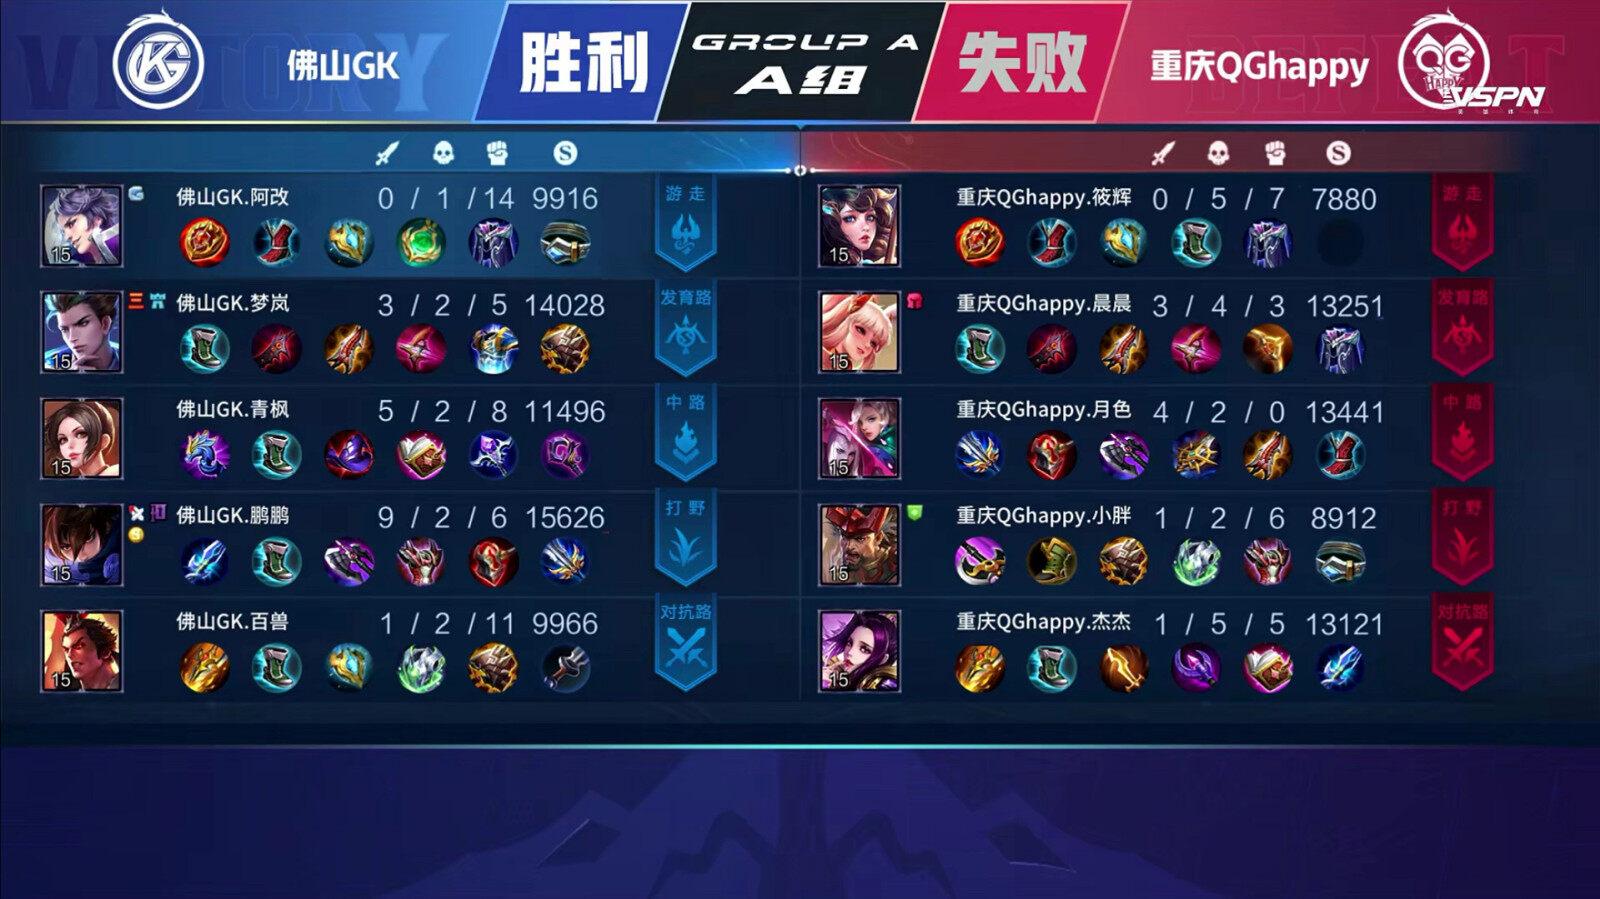 [战报] 佛山GK鏖战五局 拿下常规赛开门红-王者荣耀